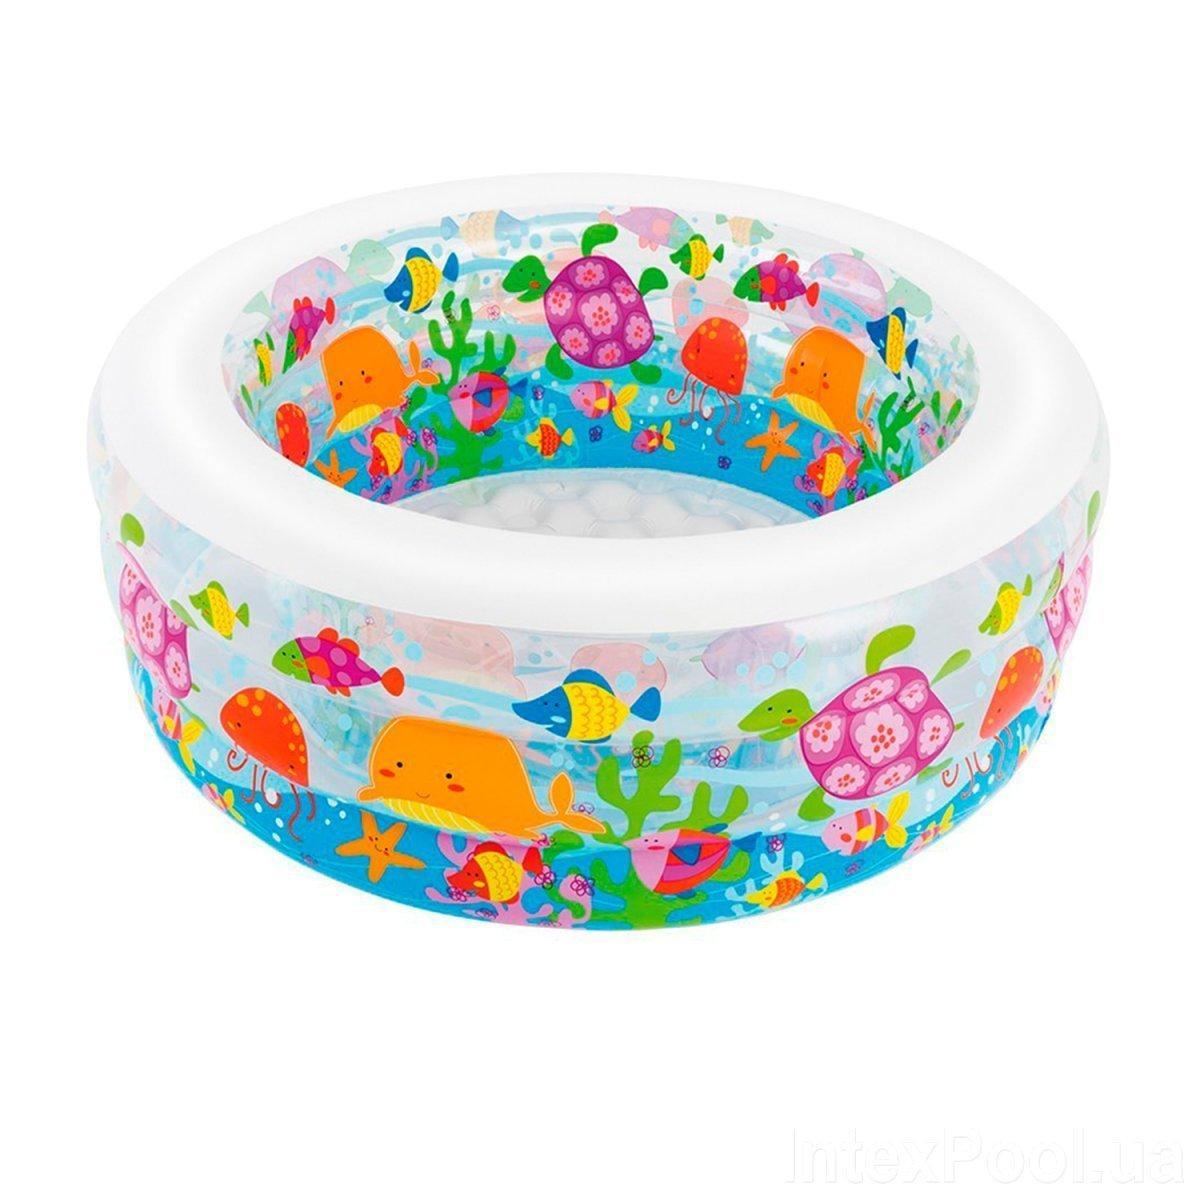 Детский надувной бассейн Intex 58480 Аквариум, 152 х 56 см